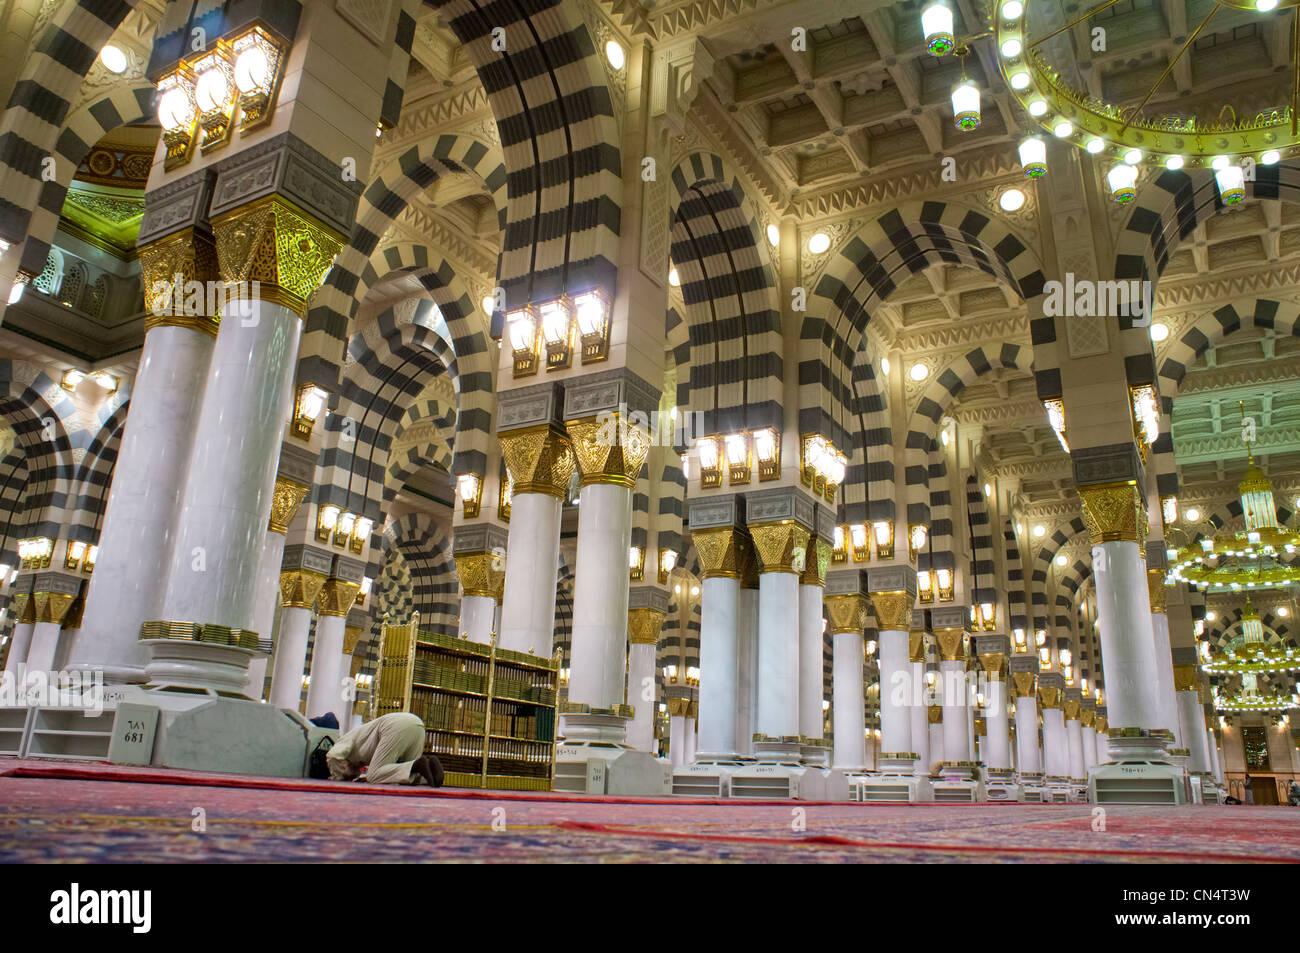 Madinah Stock Photos & Madinah Stock Images - Alamy